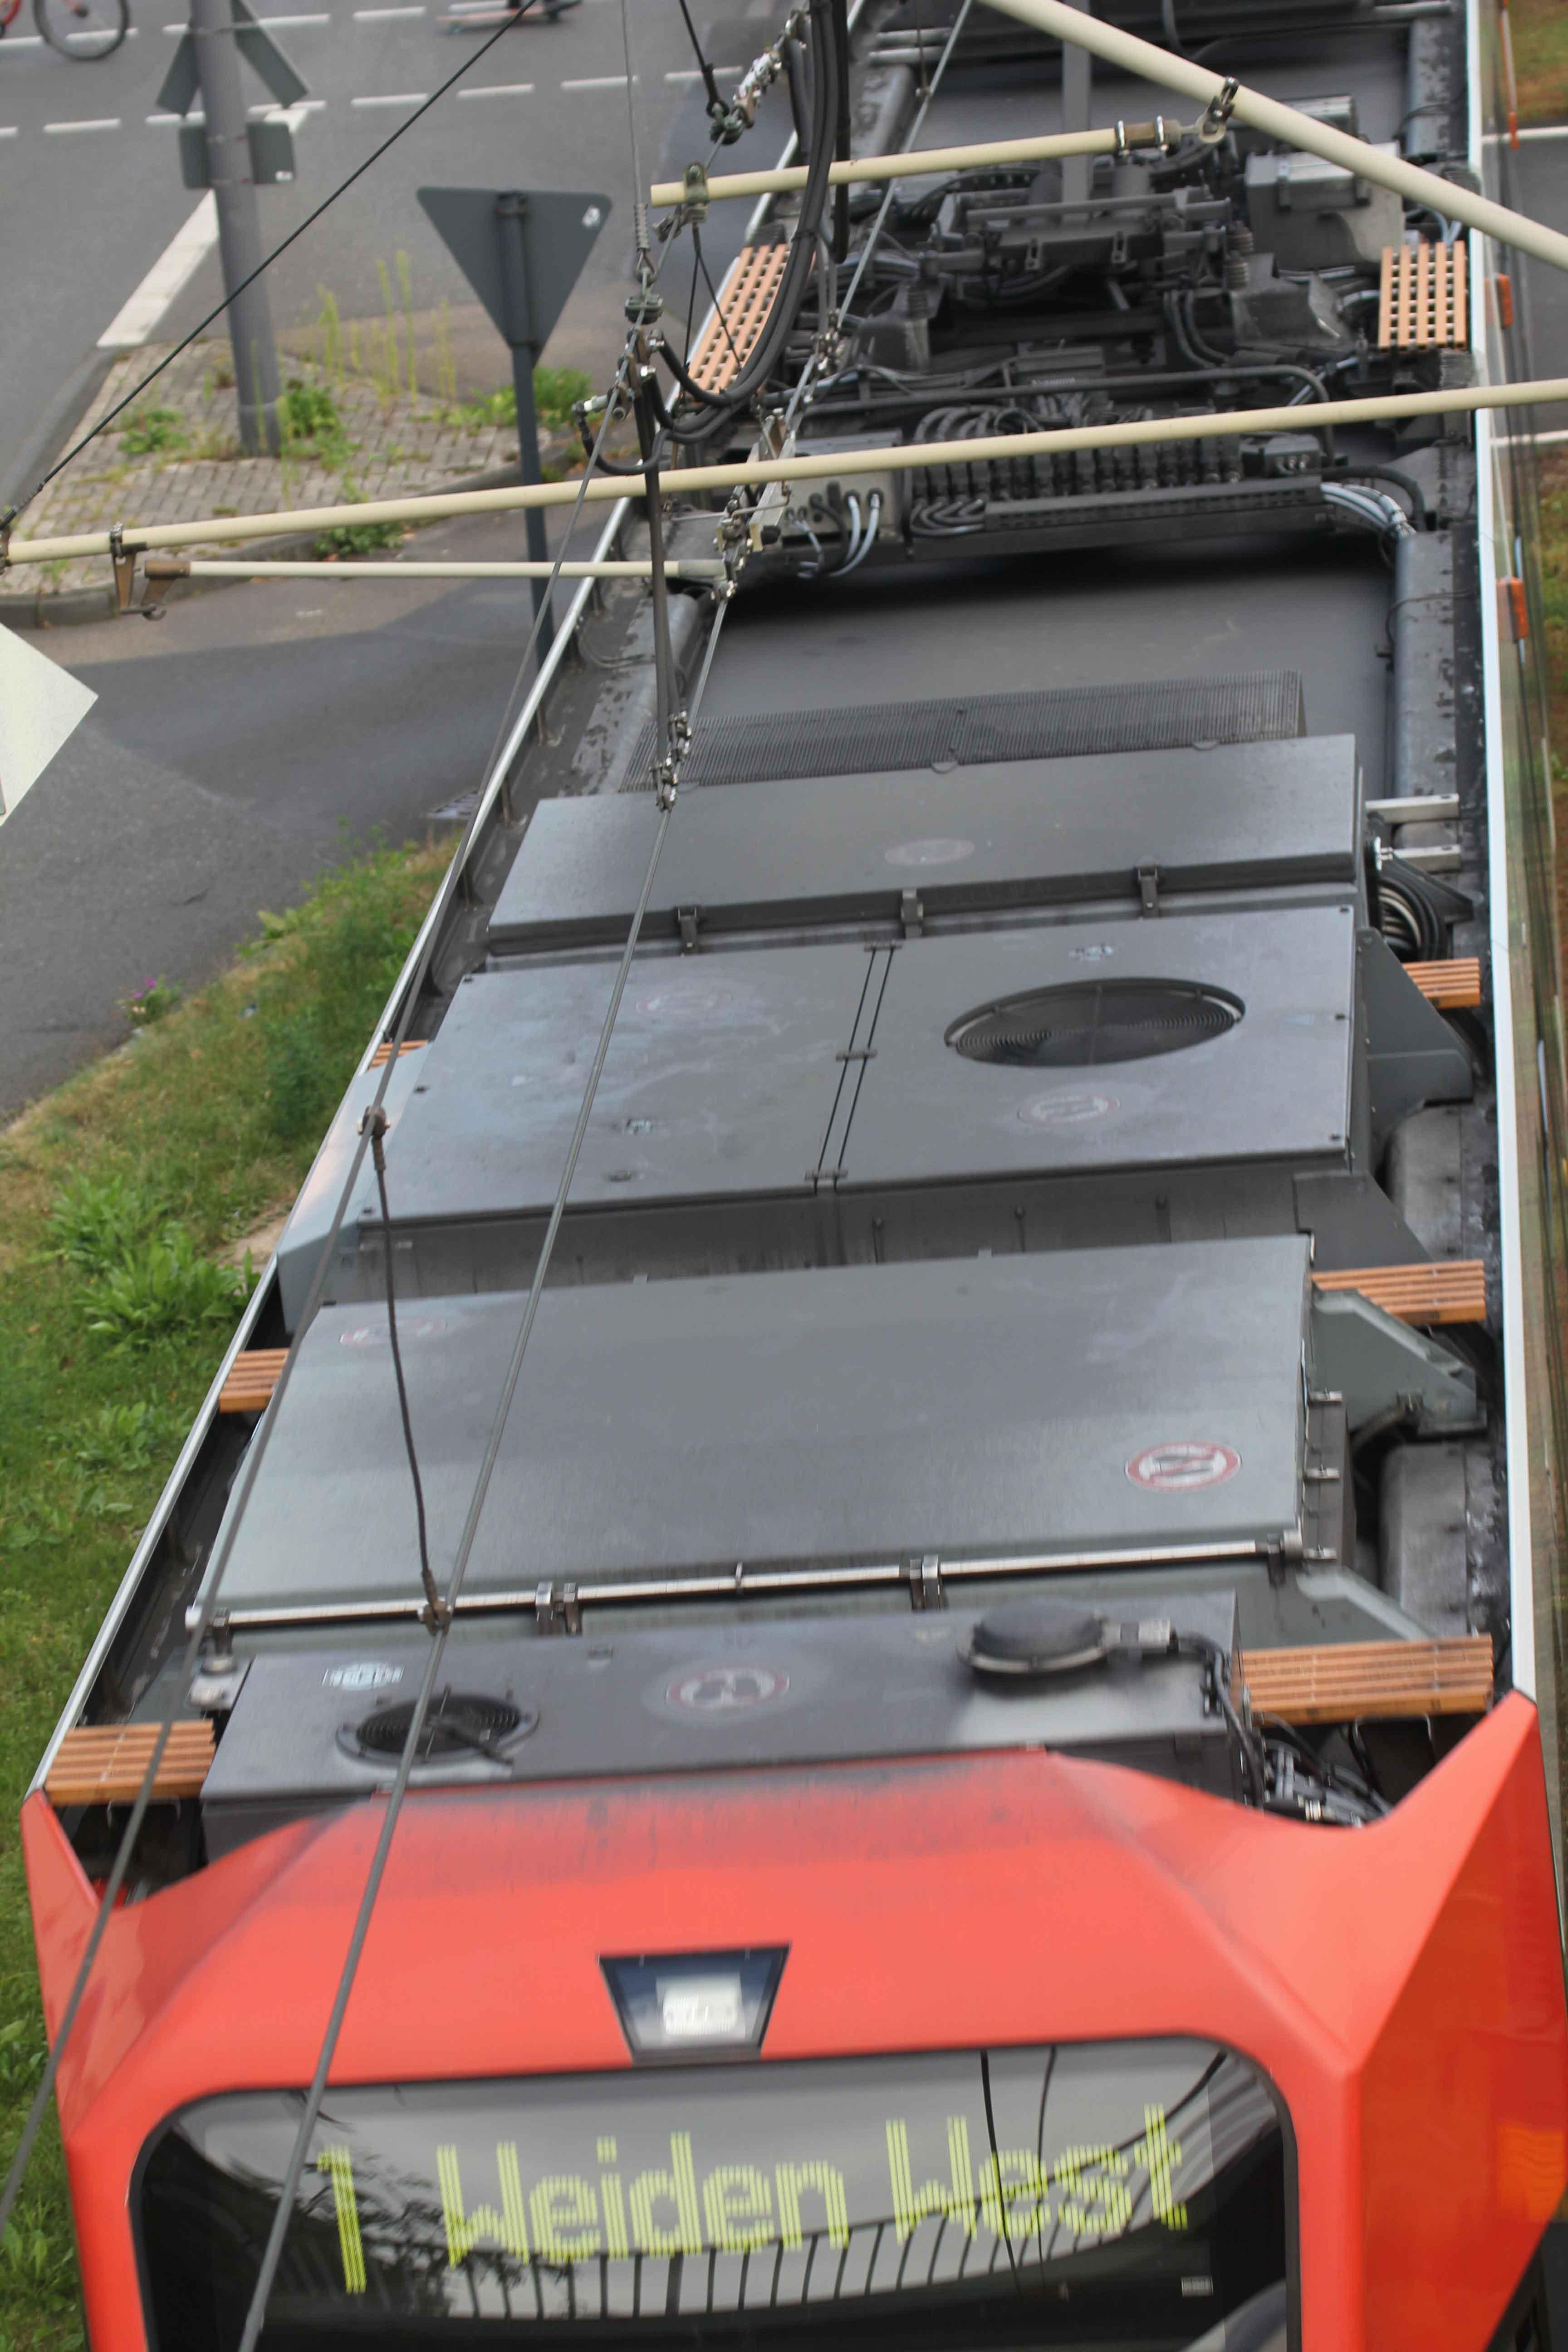 Die Temperierungsanlagen erkennt man an den großen kreisrunden Luftlöchern - vorne die Anlage für die Fahrerkabine und in der Mitte die für den Fahrgastraum.